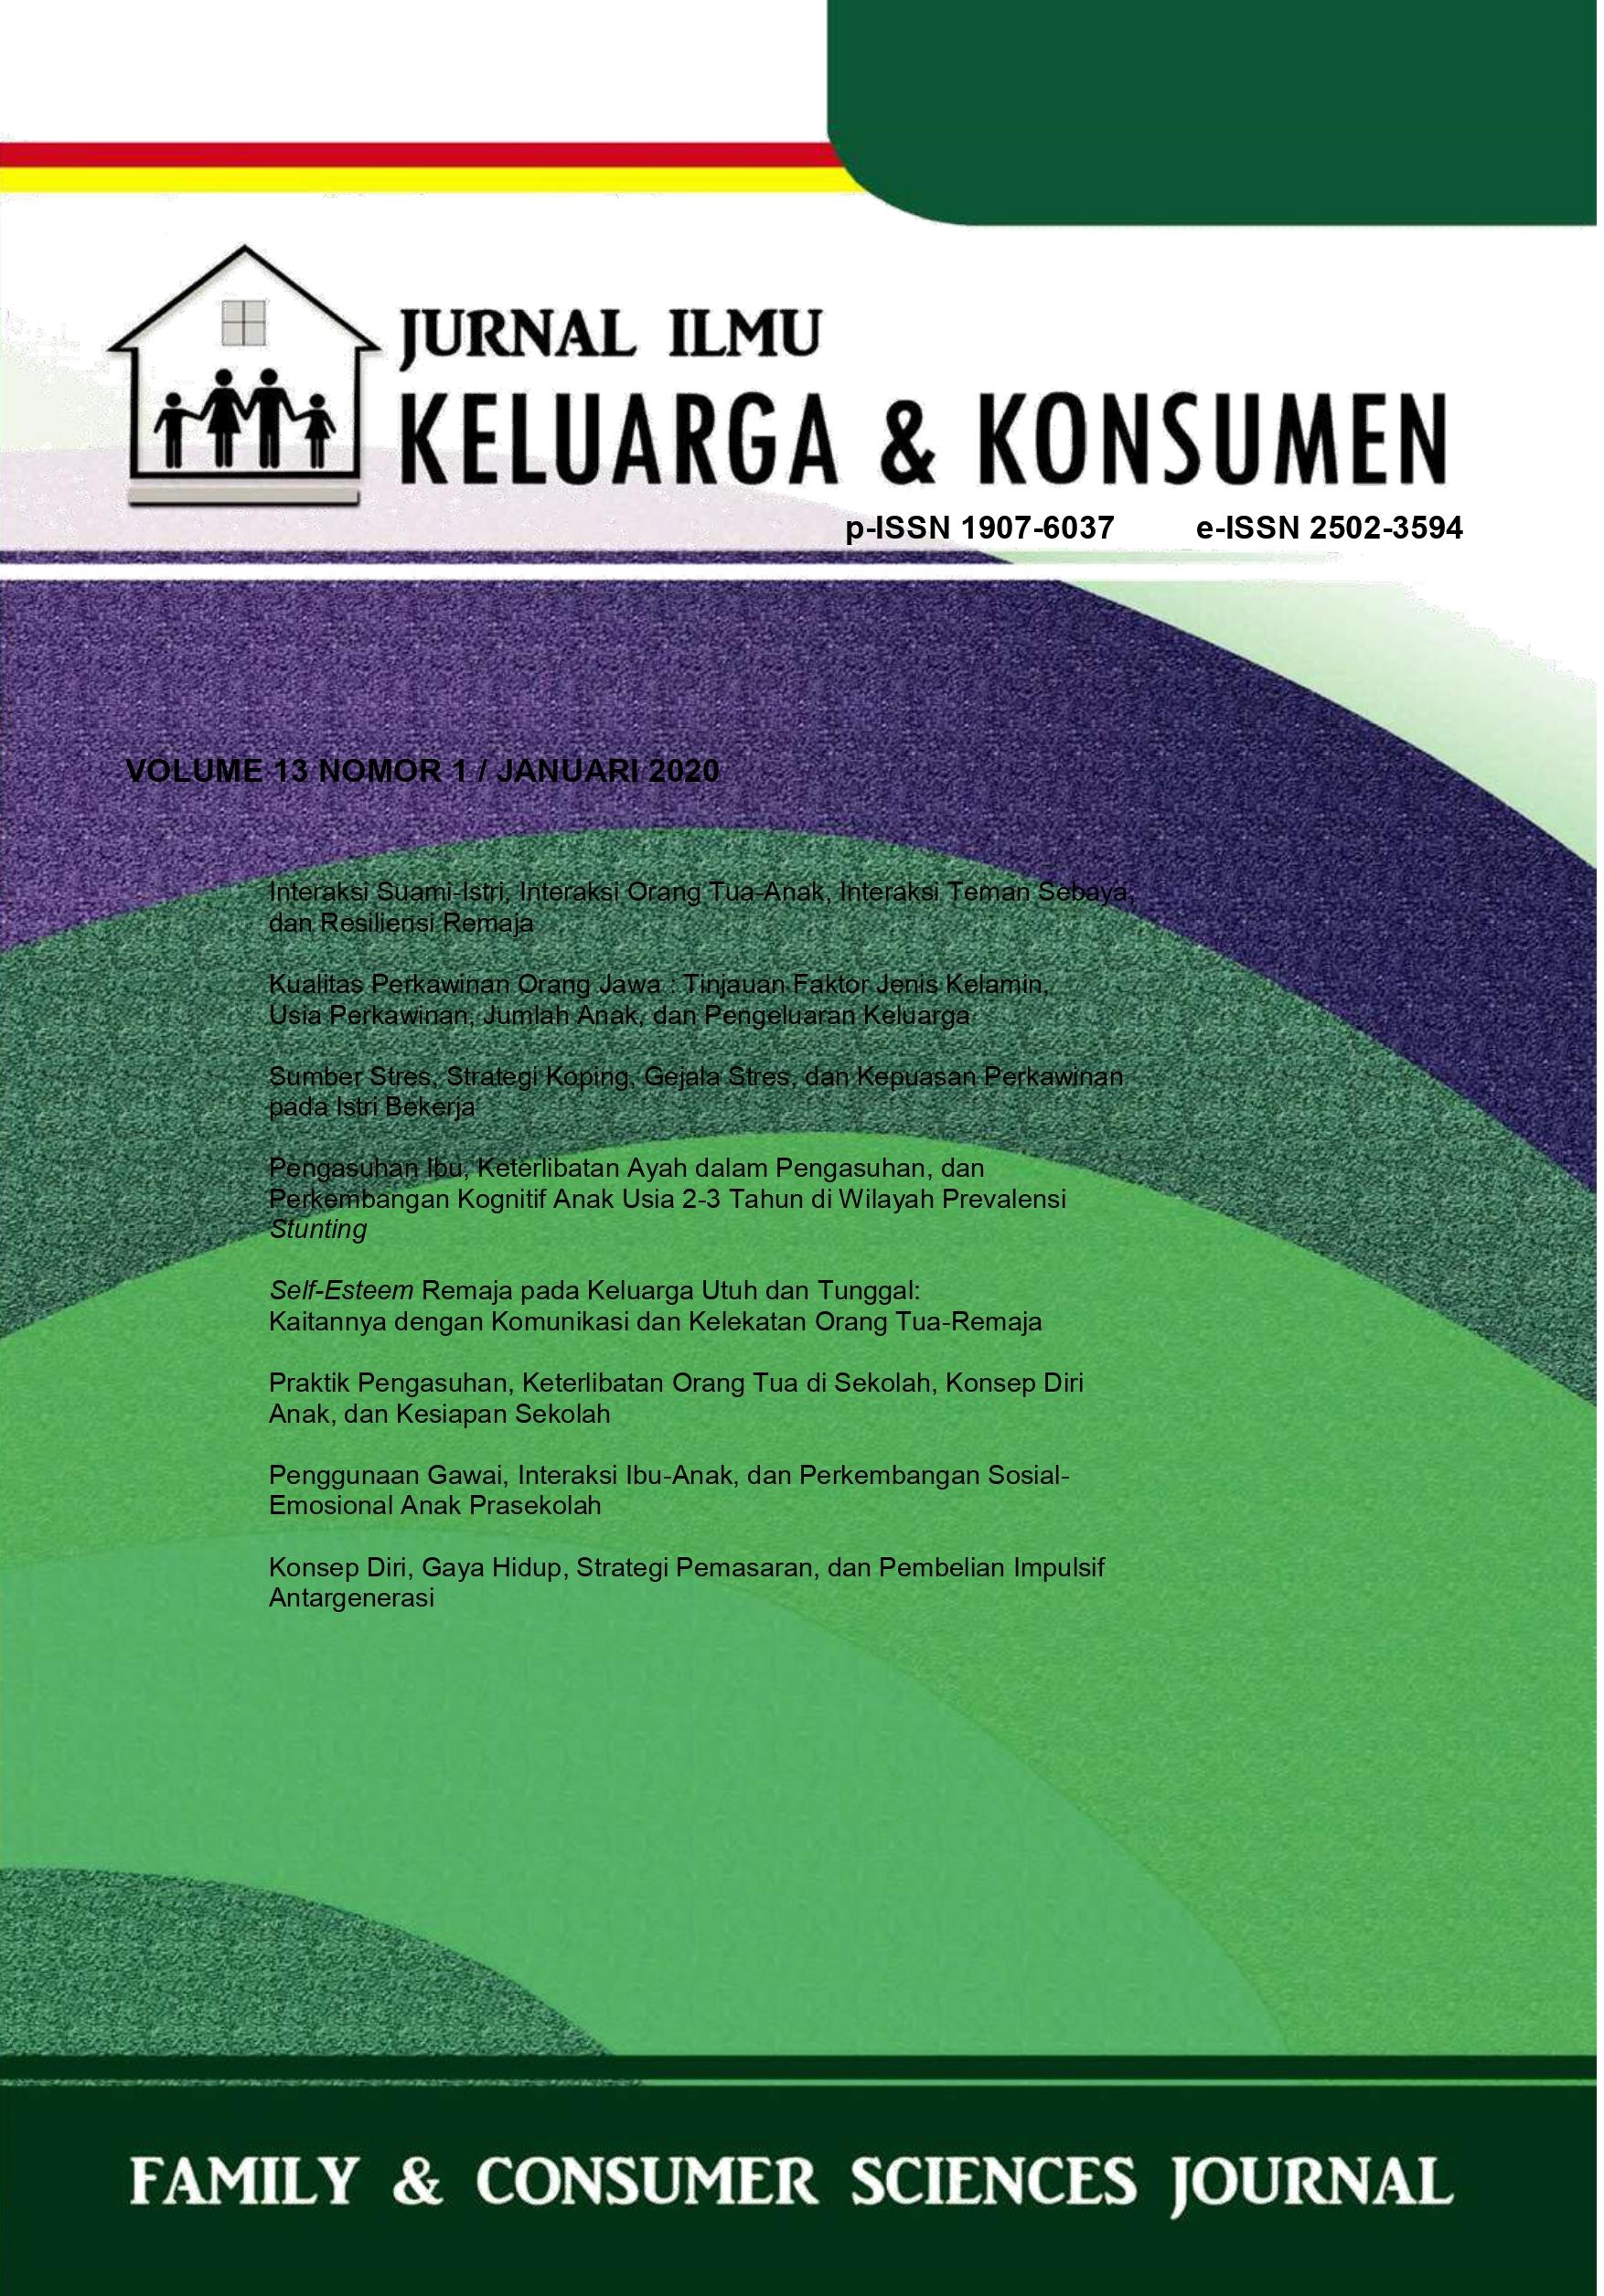 Jurnal Ilmu Keluarga dan Konsumen Volume 13 Nomor 1